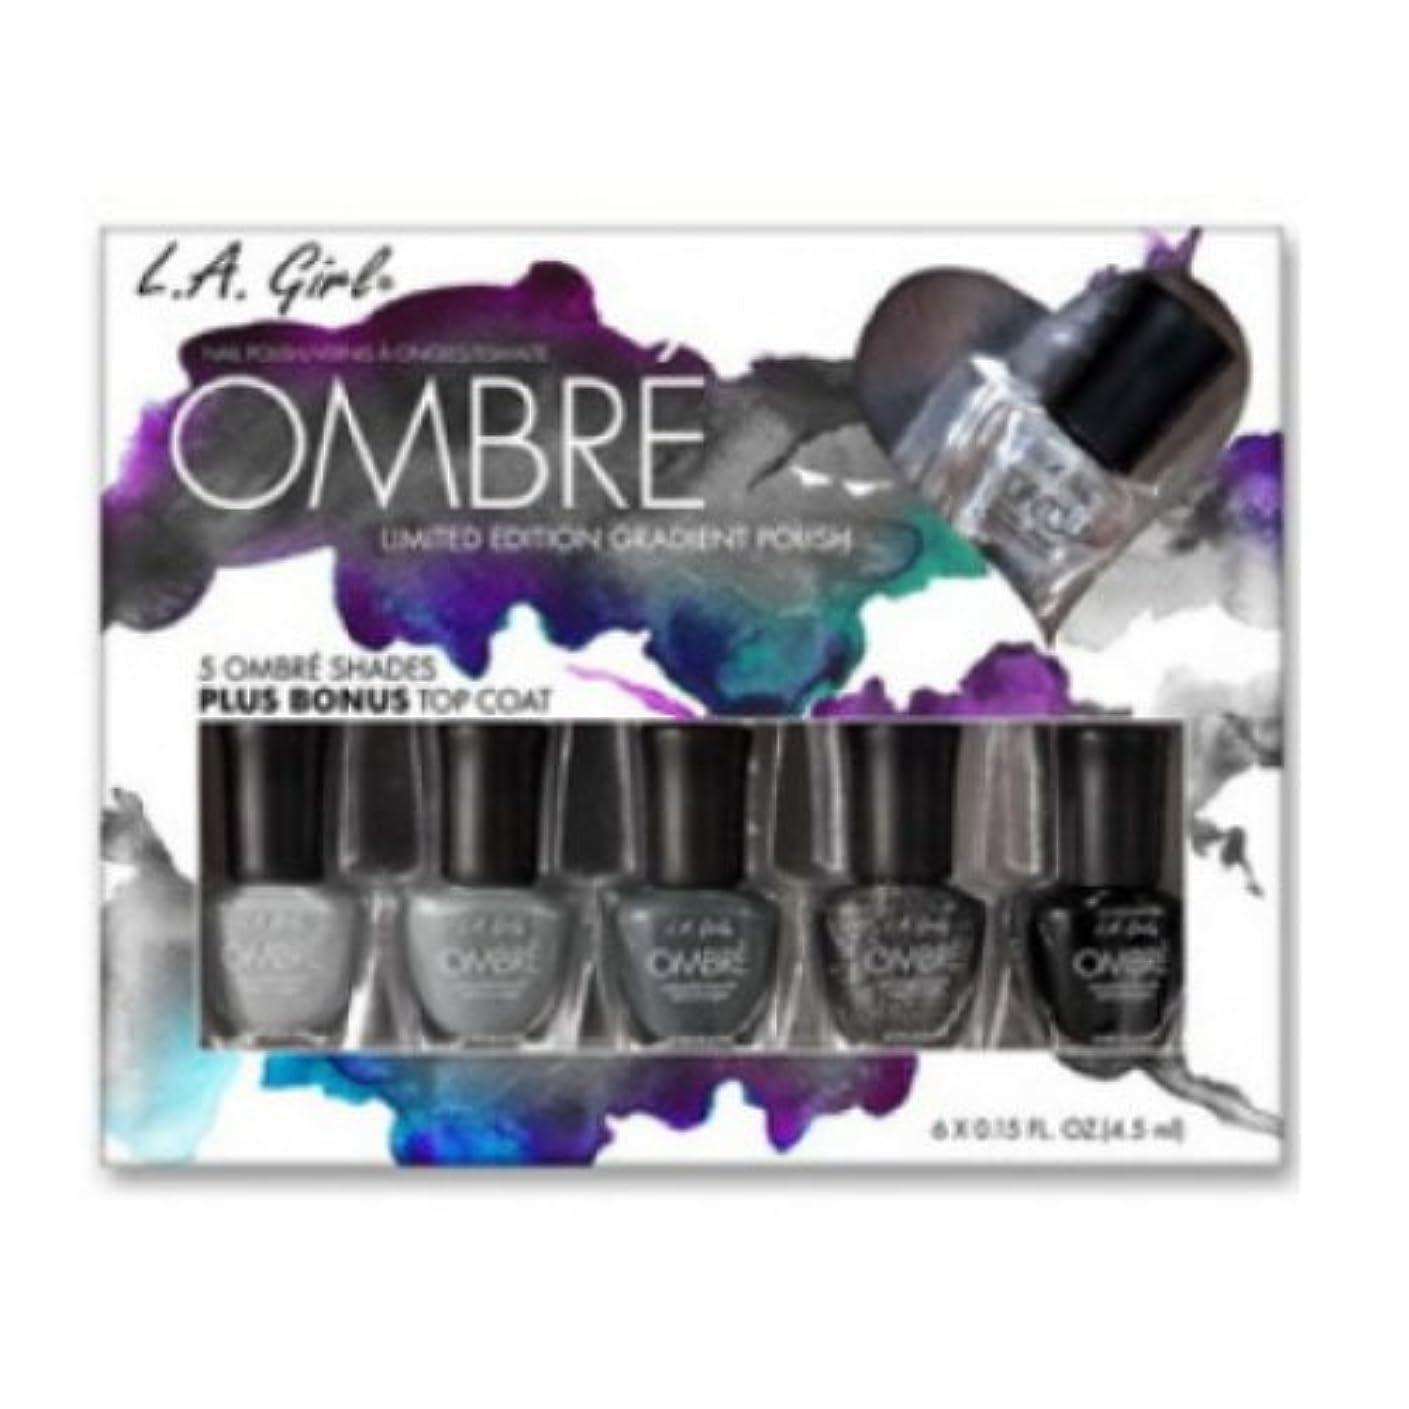 セミナー口湿った(6 Pack) L.A. GIRL Ombre Limited Edition Gradient Polish Set - Midnite (並行輸入品)